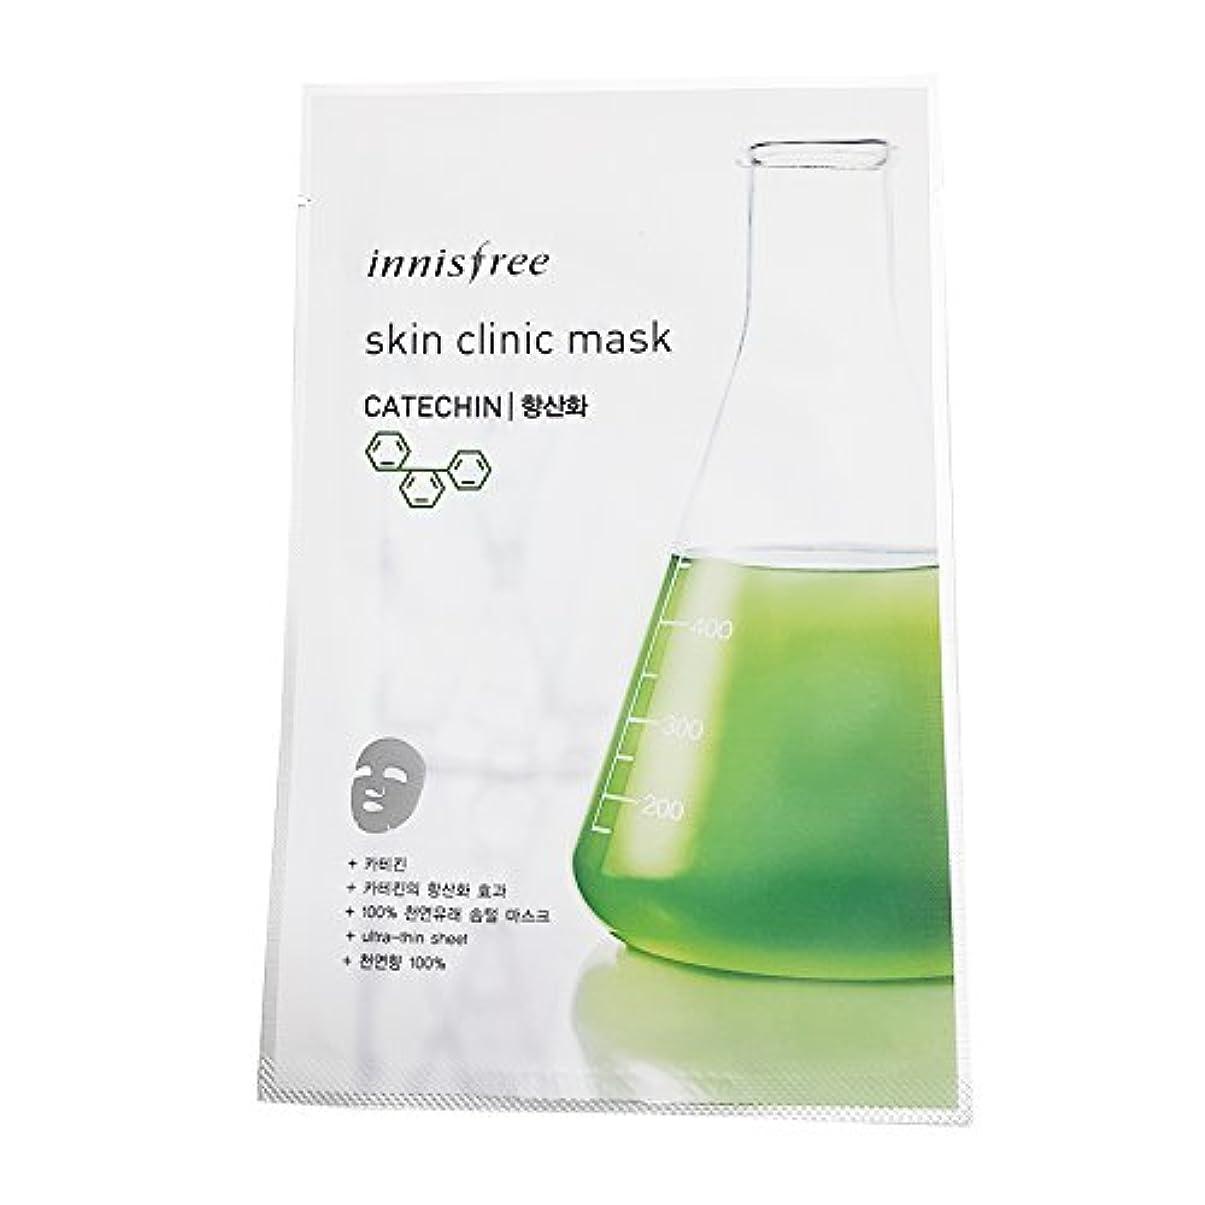 クラッシュ別の十分な[イニスプリー] Innisfree スキンクリニックマスク(20ml)-カテキン(抗酸化用) Innisfree Skin Clinic Mask(20ml)-Catechin for Antioxidant Effect...